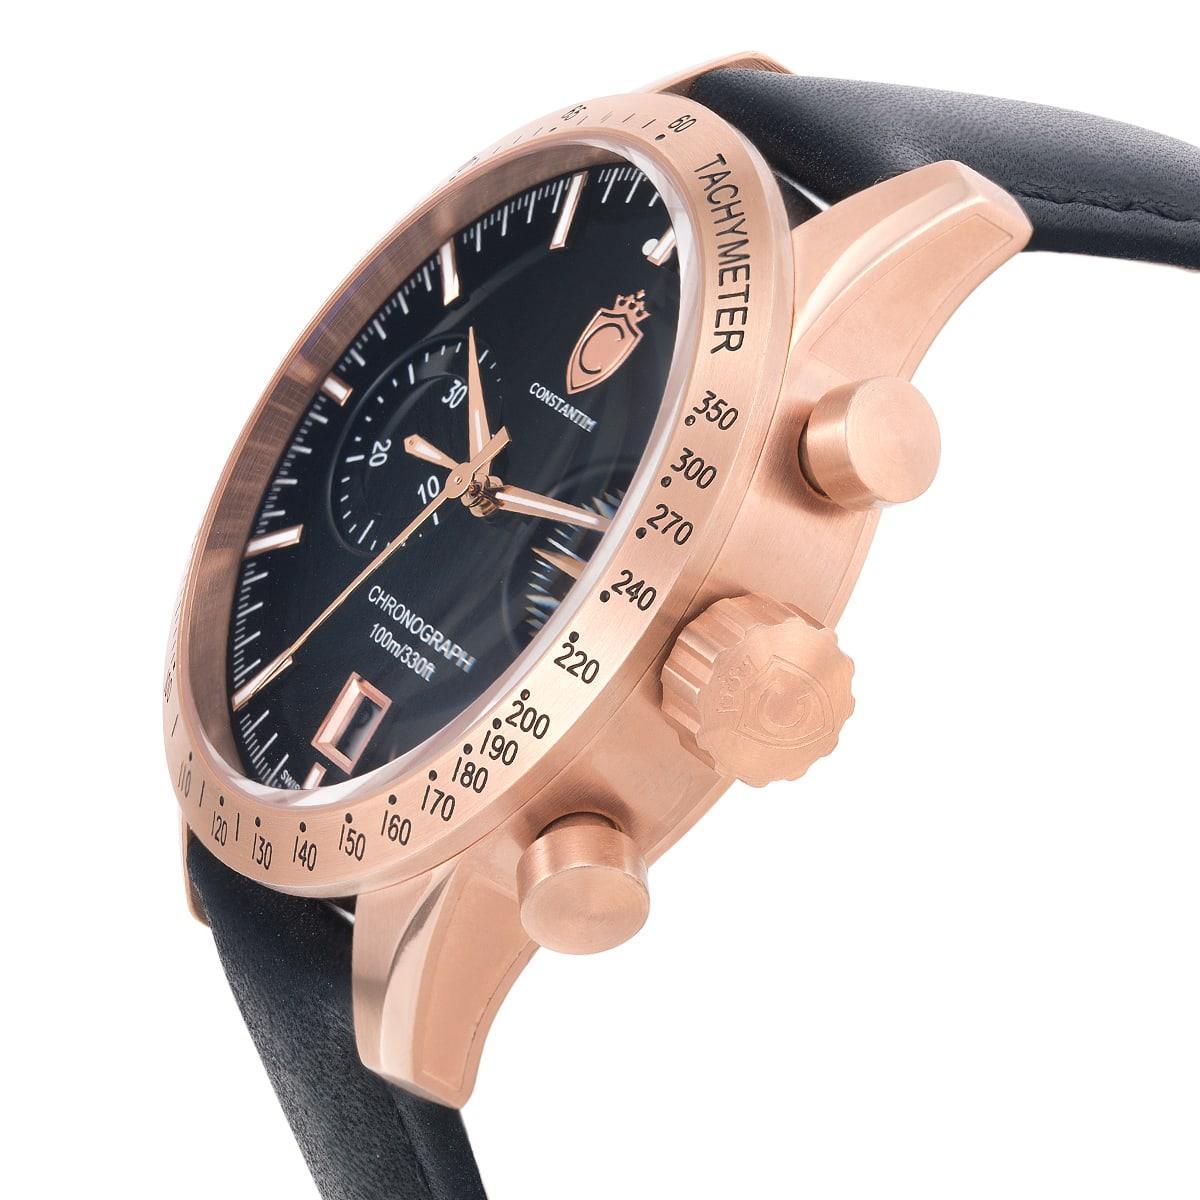 9b3e559e026 Relógio Constantim Diplomat First Class Sport Rose Black ZW30223P Couro